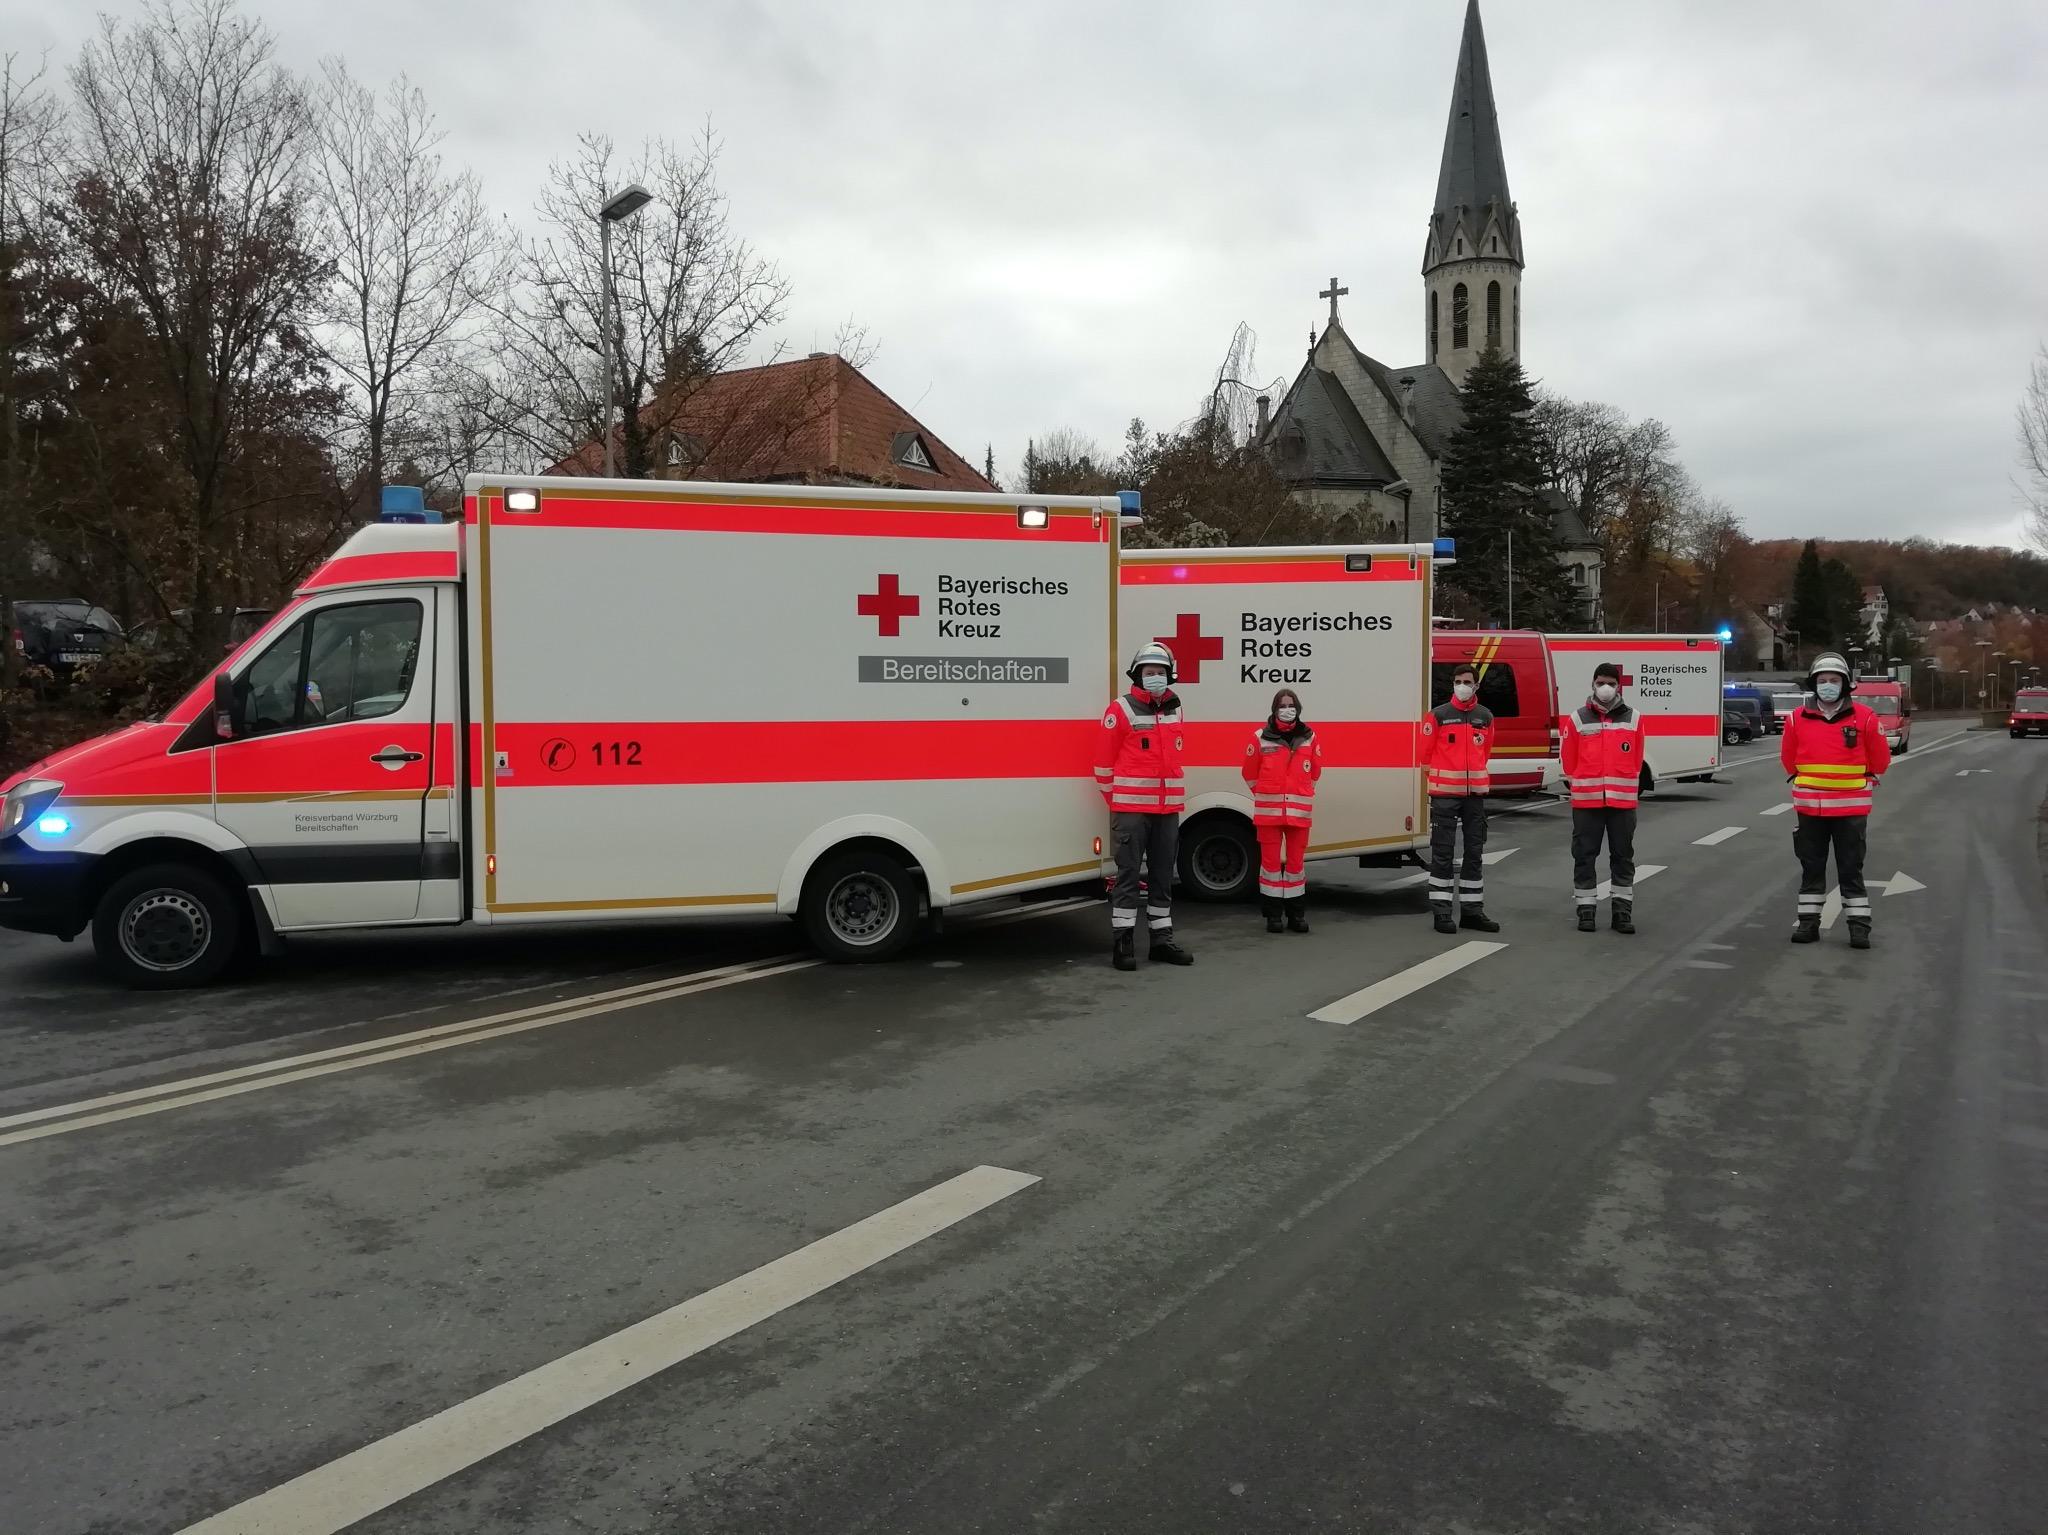 Auf der Südtangente in Ochsenfurt standen zahlreiche Rettungsfahrzeuge für den Einsatz bereit. Foto: Stefan Krüger, BRK Würzburg